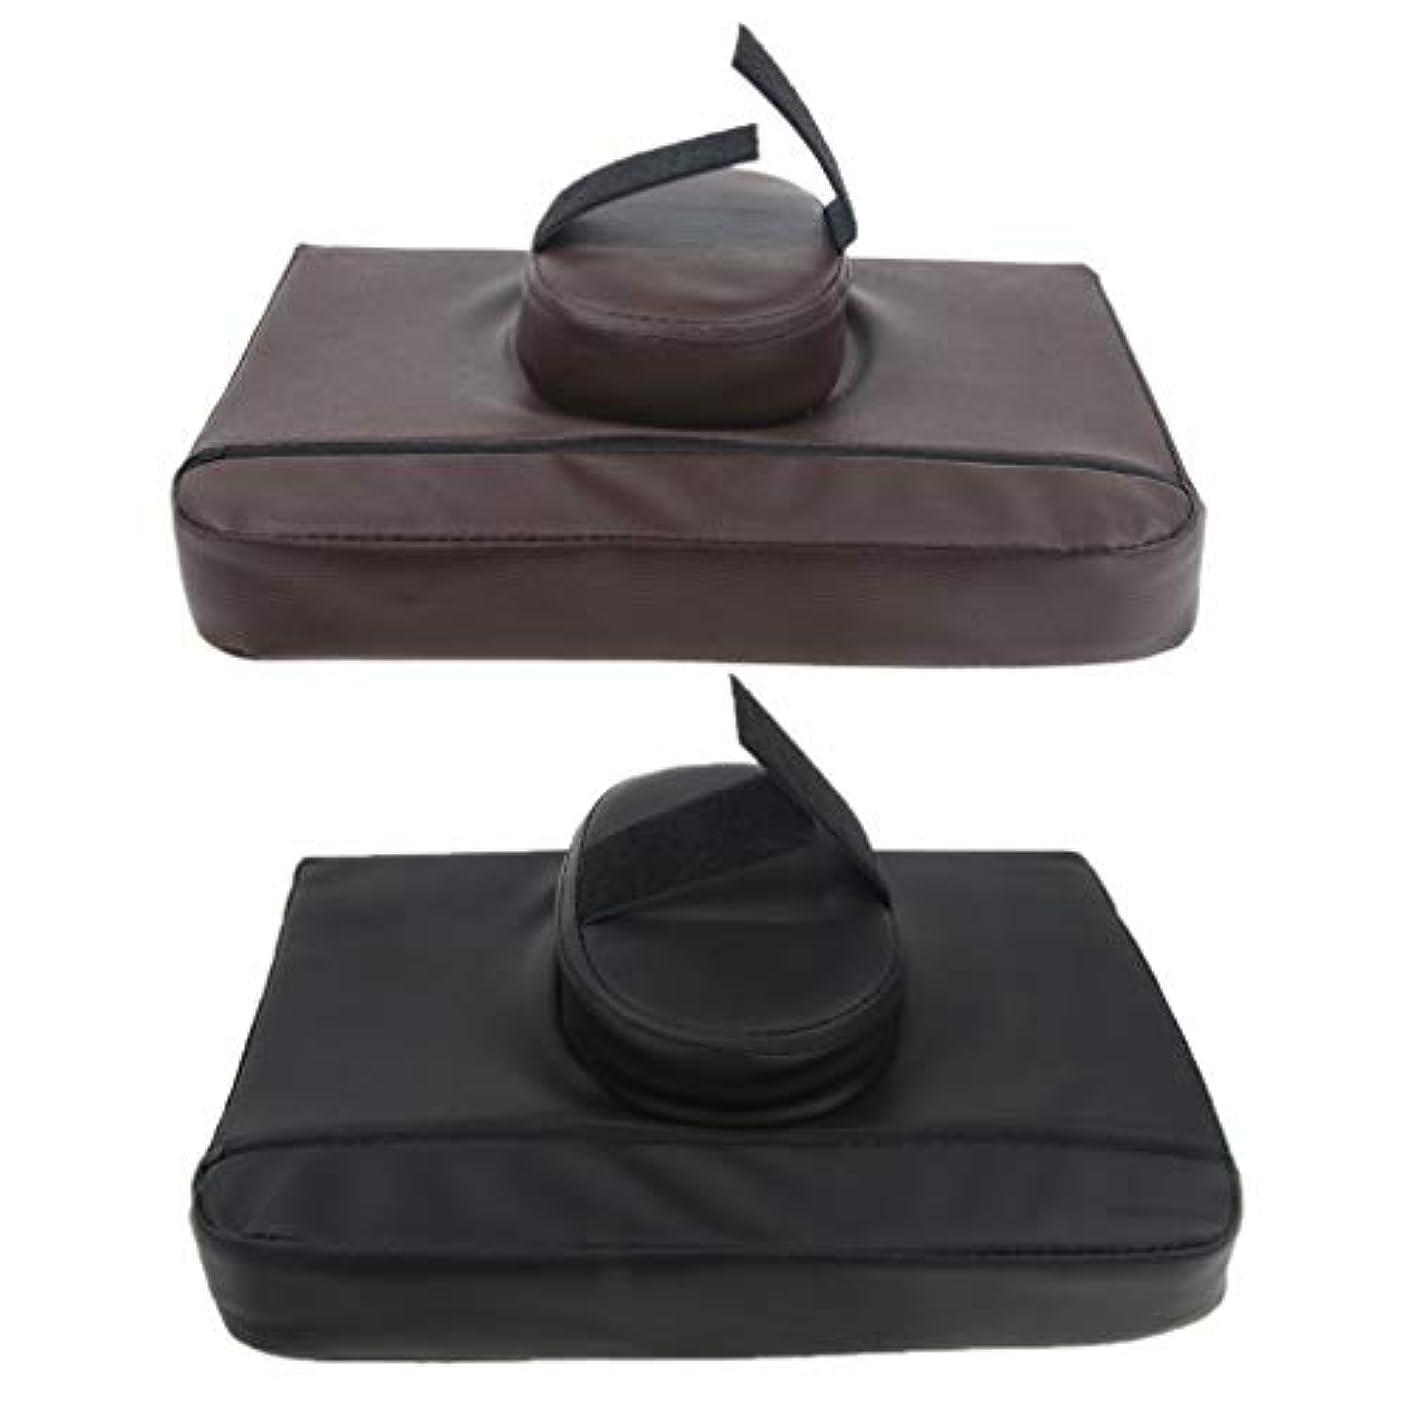 うま脱走ハロウィンマッサージ枕 マッサージピロー クッション スクエア マッサージテーブル用 ソフト 快適 2ピース